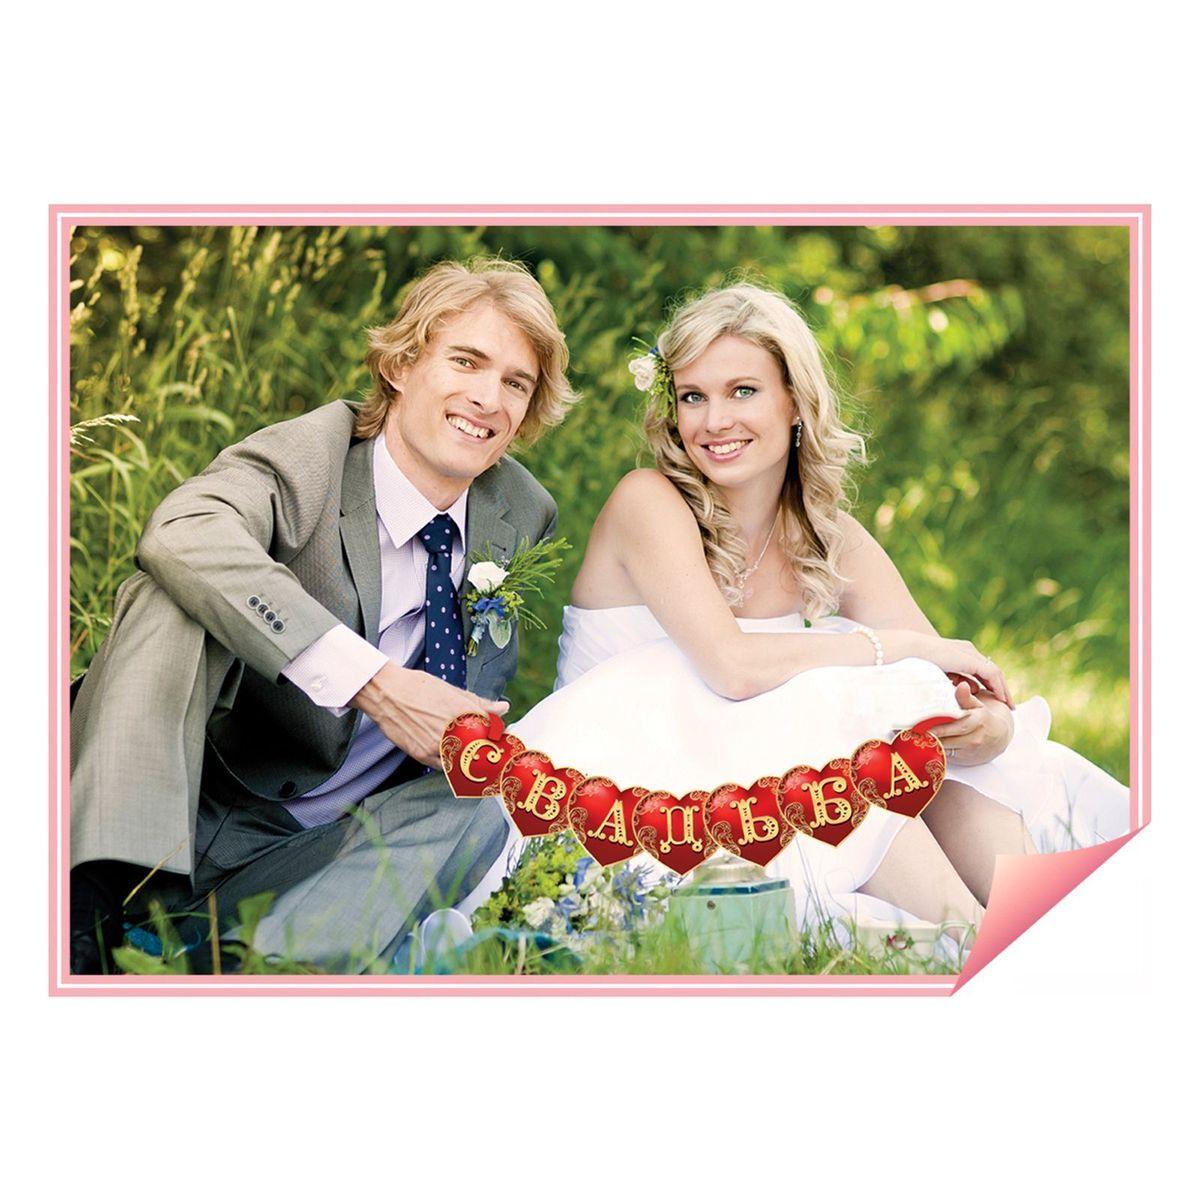 Фотобутафория на ленте Sima-land Свадьба, 11,3 x 140 x 0,1 см1233365Фотобутафория на ленте Свадьба — прекрасный выбор для тех, кто хочет создать атмосферу праздника и сделать запоминающиеся свадебные снимки. На лицевой стороне напечатана красочная надпись. Украшение легко крепится на стену или дверной проём с помощью клейкой ленты или кнопок. Его также можно держать в руках. Уникальный дизайн создаст незабываемую атмосферу праздника и подарит море позитивных эмоций!